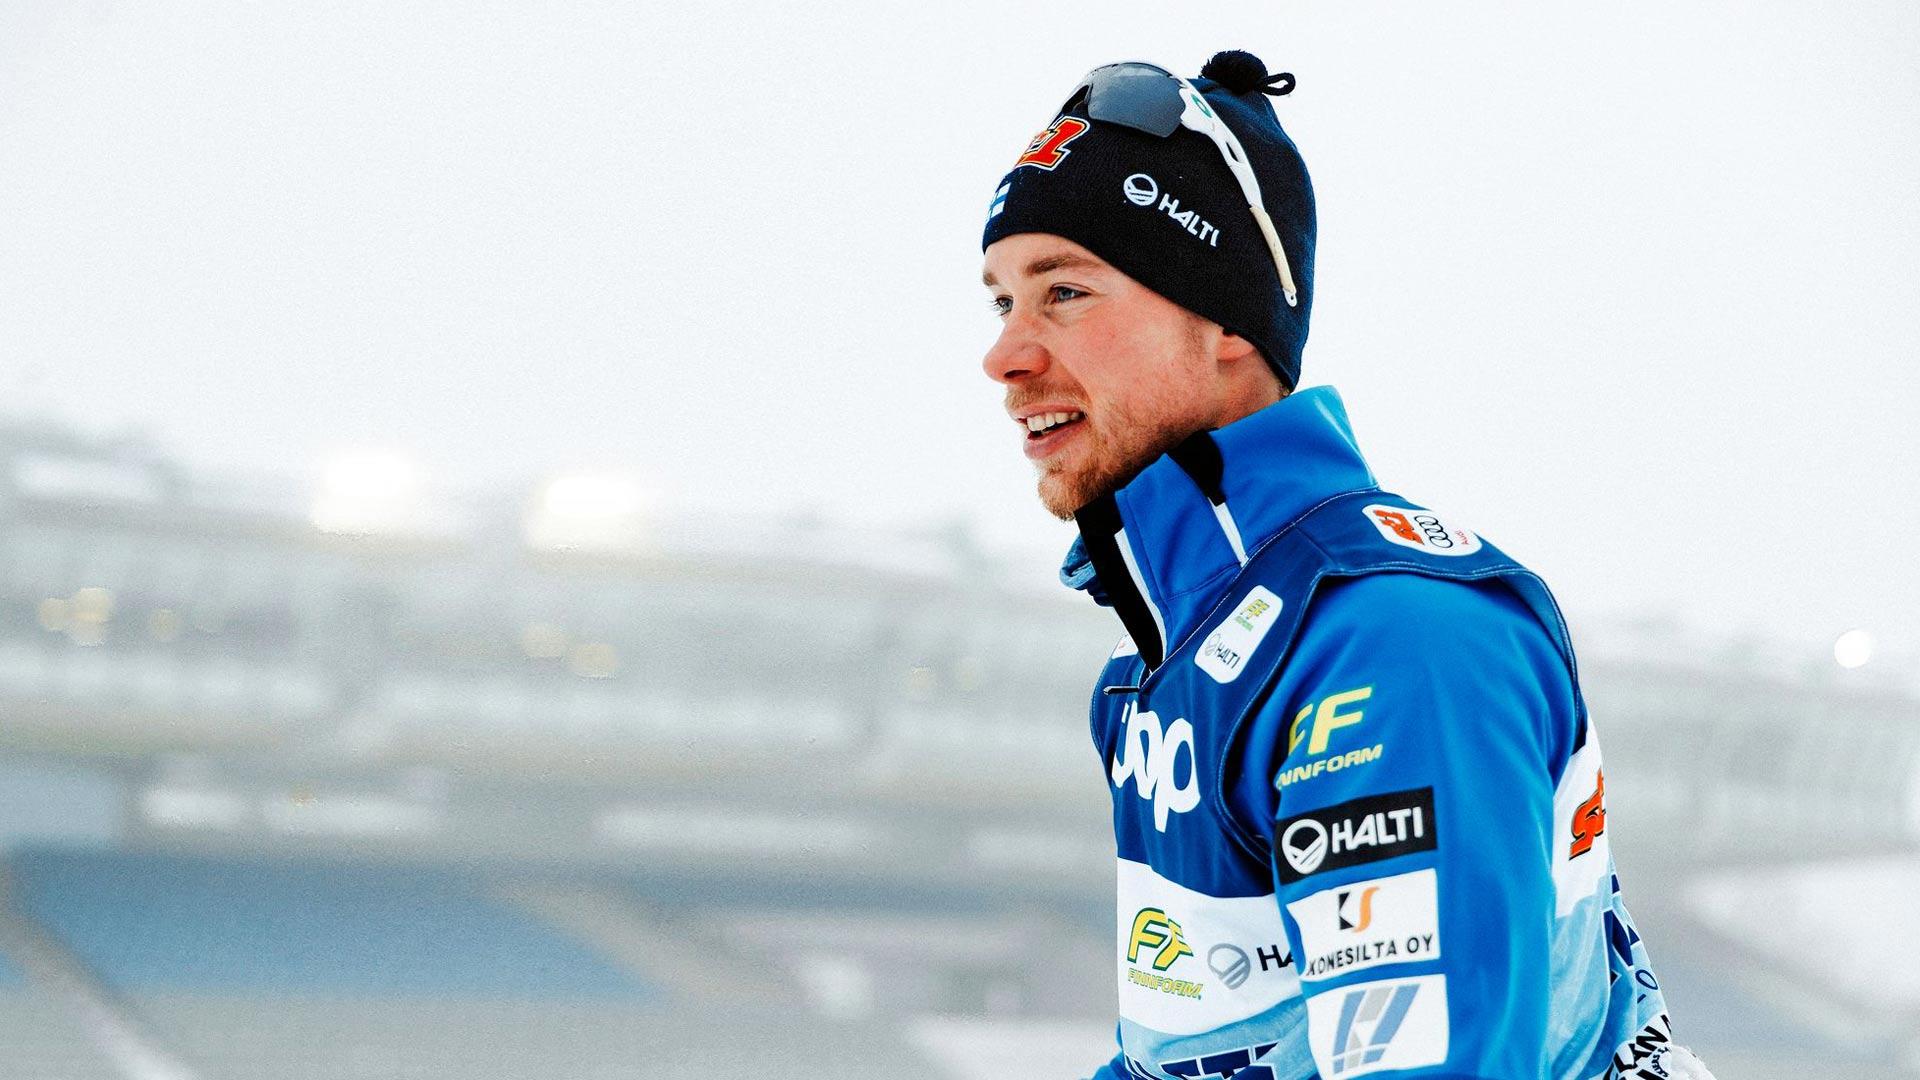 Joni Mäen suksi luisti erinomaisesti tammikuussa hiihdetyissä Salpausselän kisoissa. Nyt Mäki lähtee edustamaan Suomea Saksan MM-kisoihin. Odotukset on ladattu sprinttiin ja viestiin.